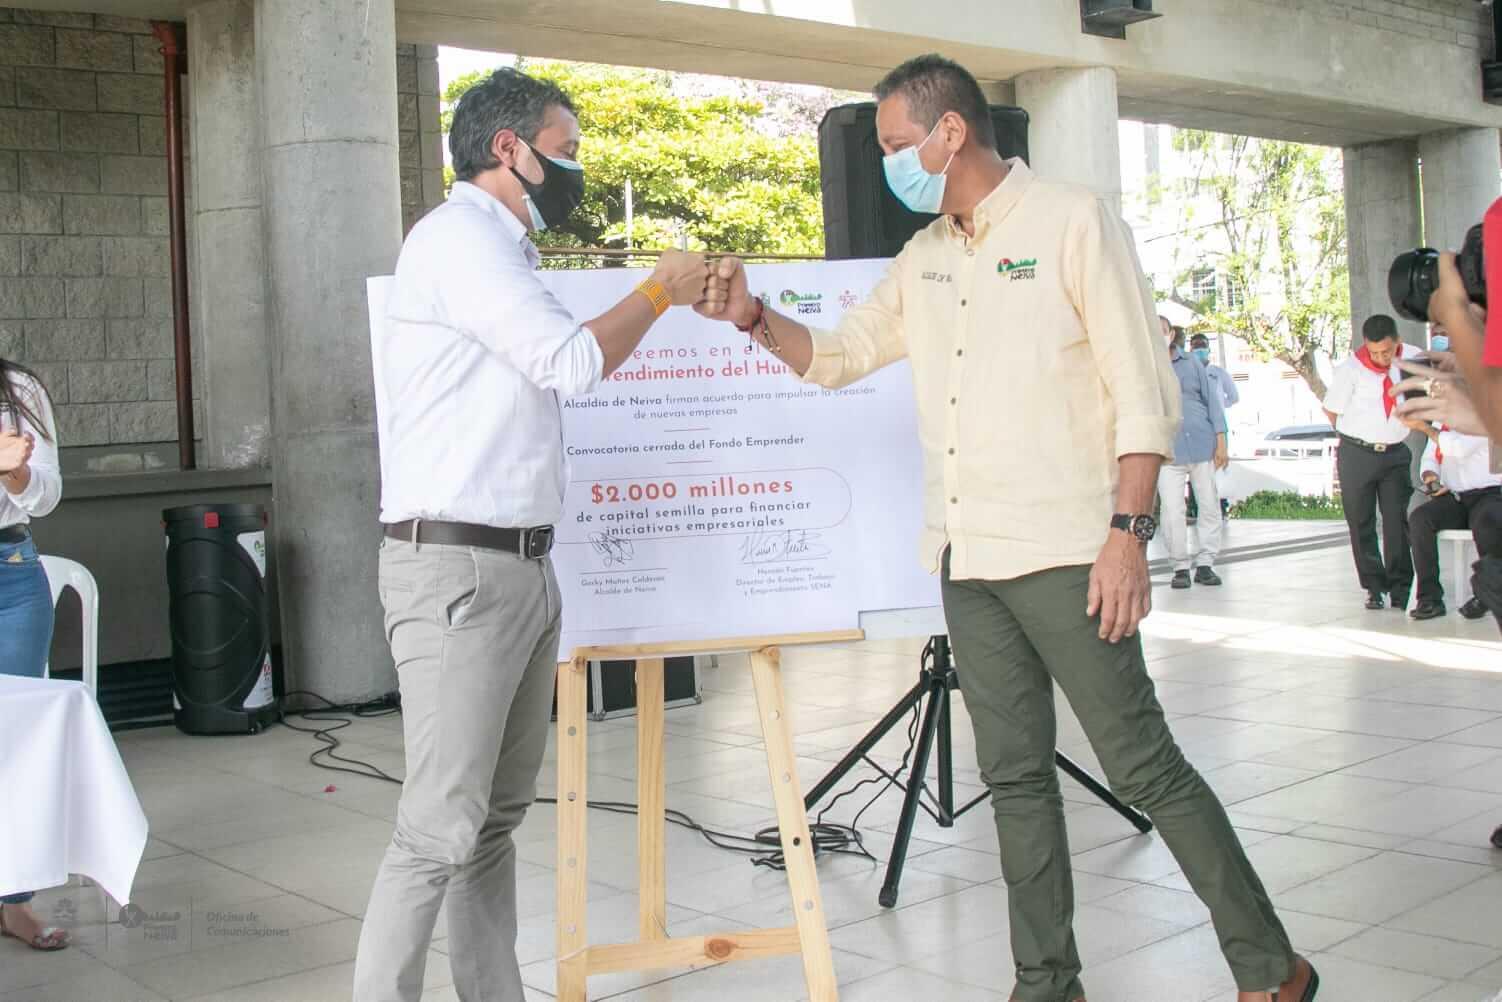 Nuevos emprendimientos en Neiva serán financiados hasta con $80 millones